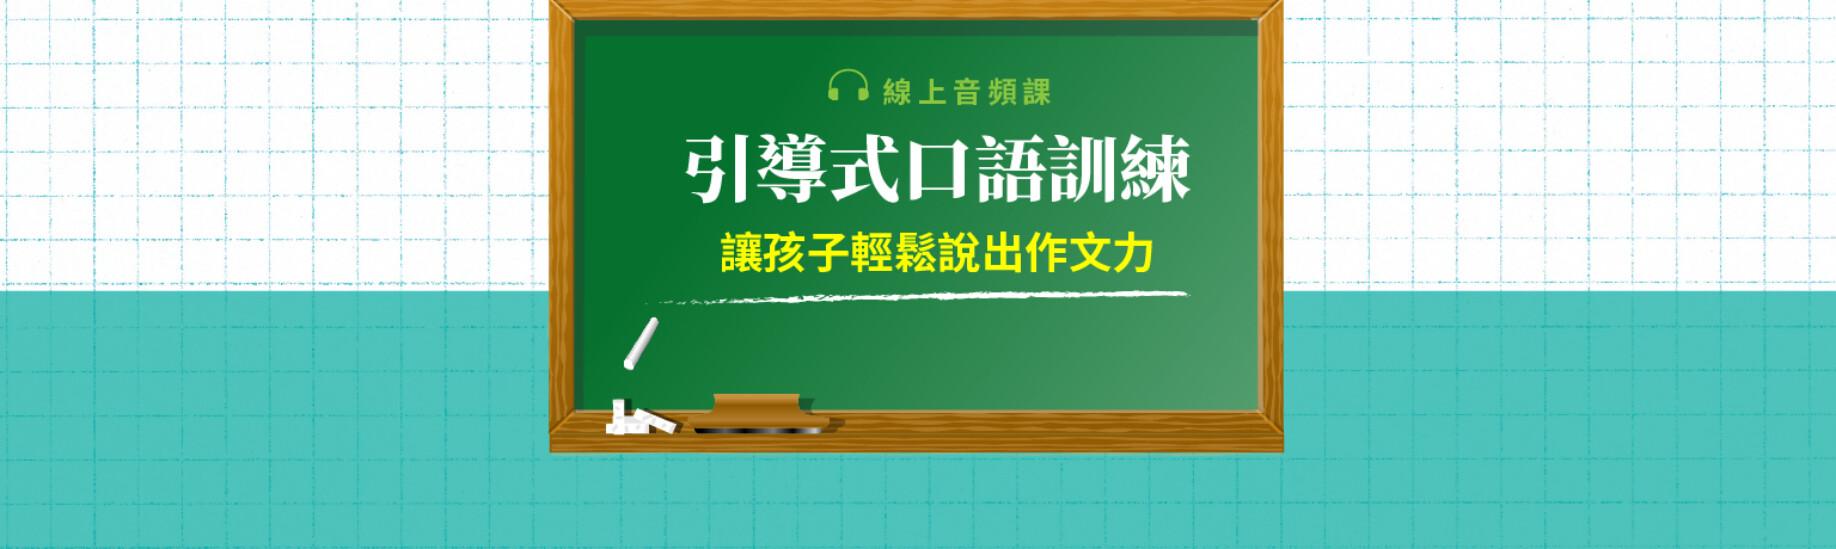 王勝忠:引導式口語訓練,讓孩子輕鬆說出作文力